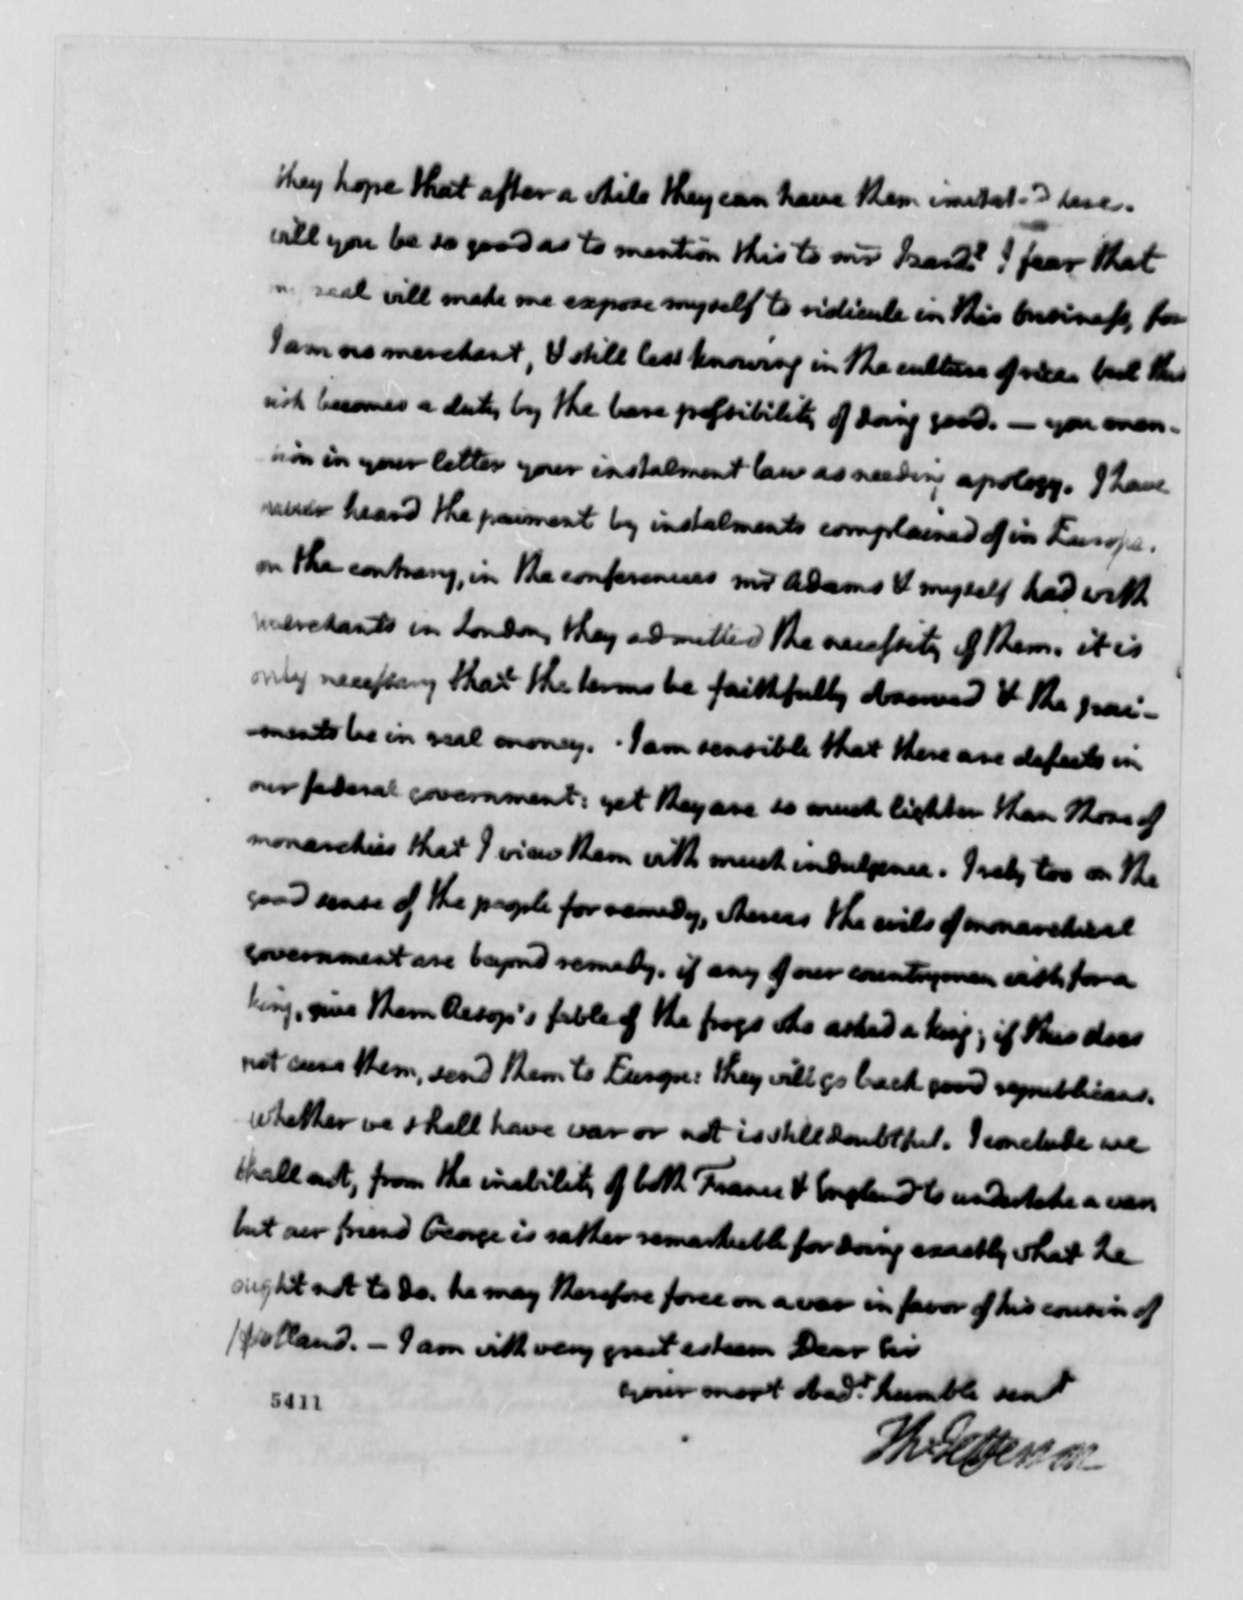 Thomas Jefferson to David Ramsay, August 4, 1787